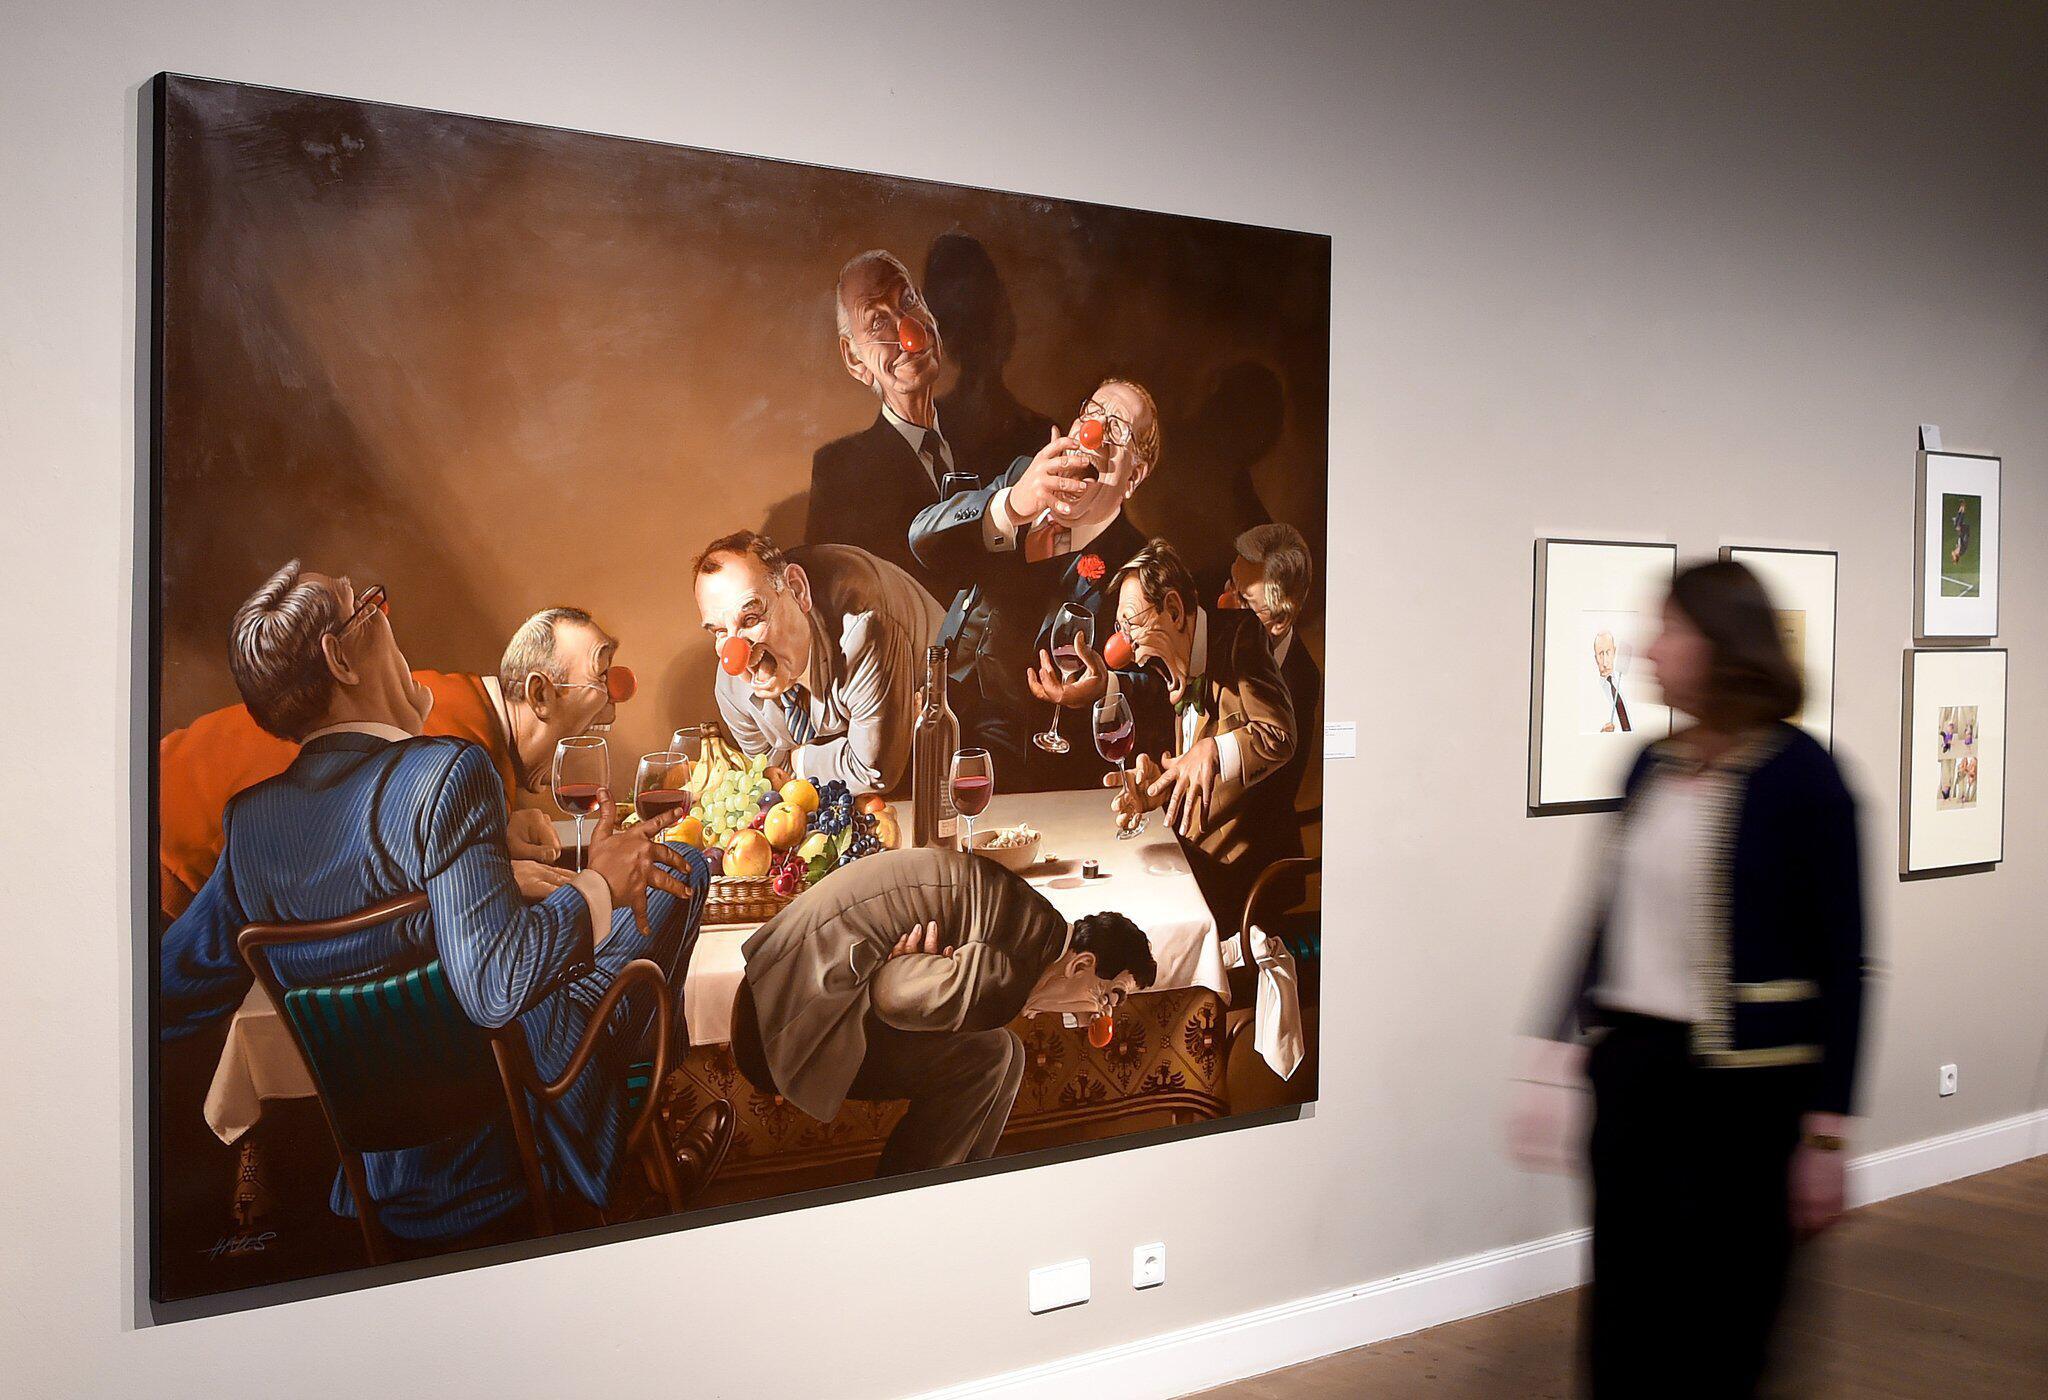 Bild zu Gerhard Haderer exhibition in Hanover